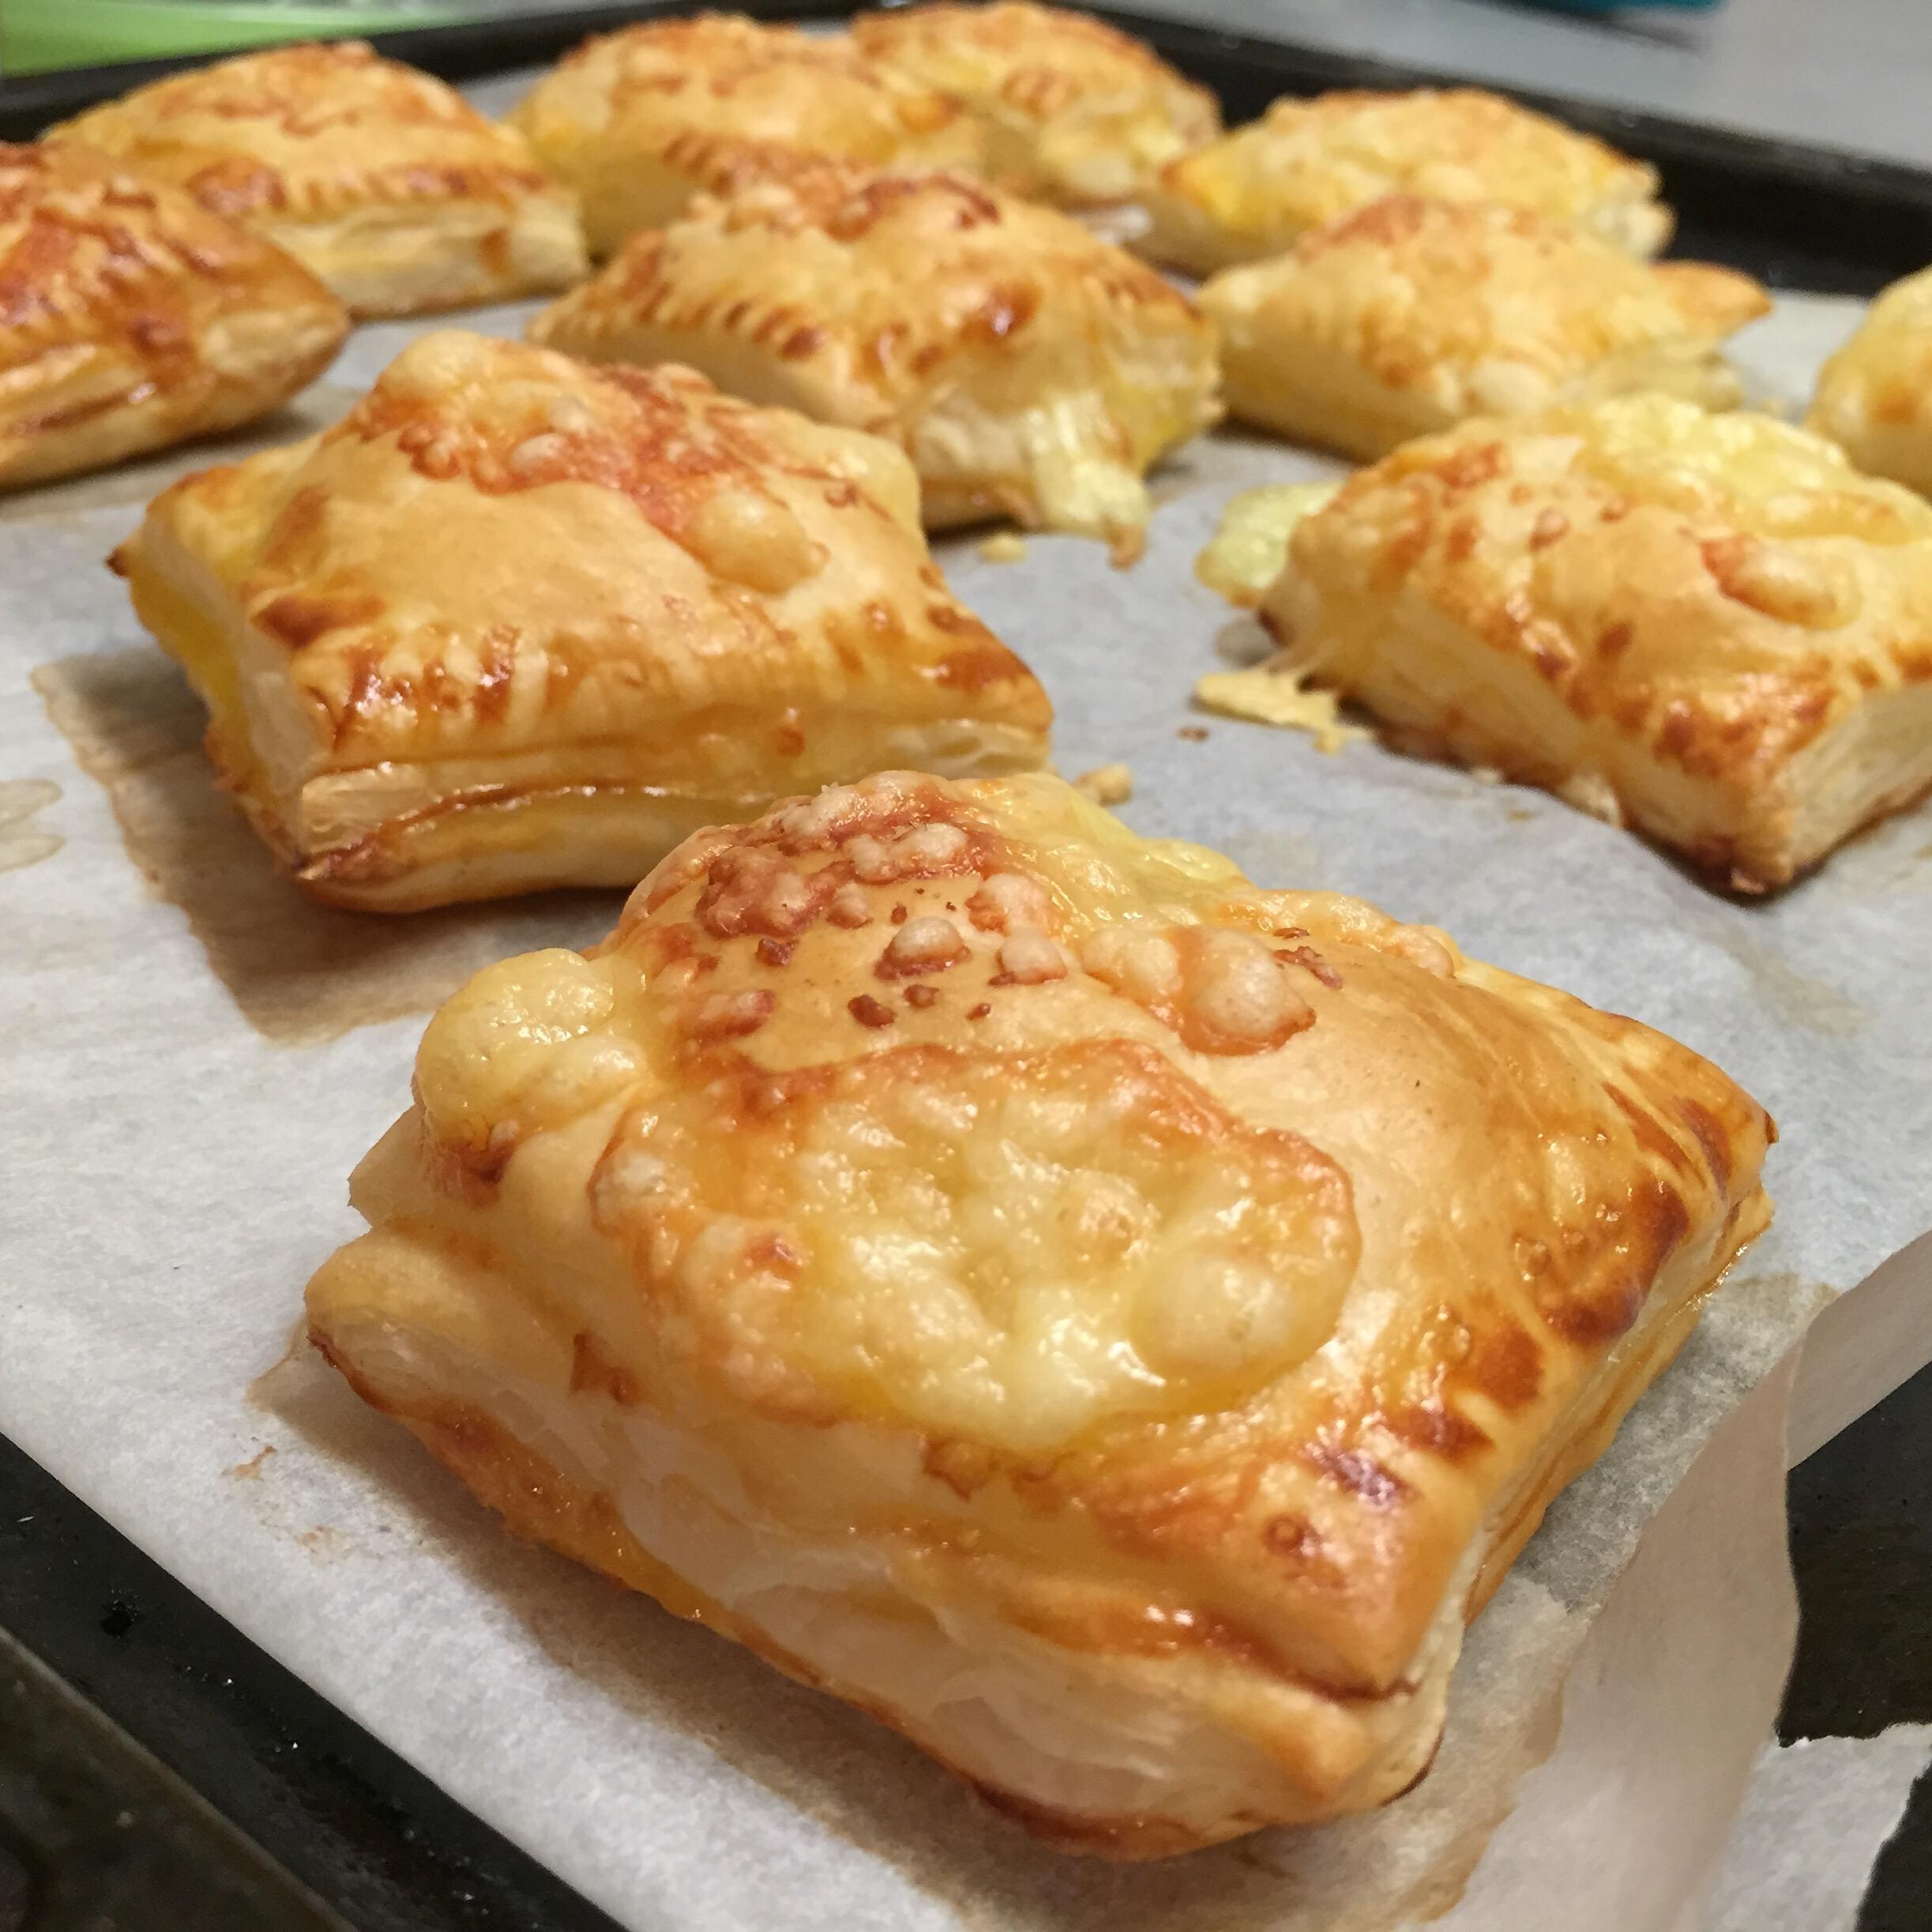 'S avonds maak ik nog eerlijke kaasbroodjes en een cake. Want ik ben woensdag jarig